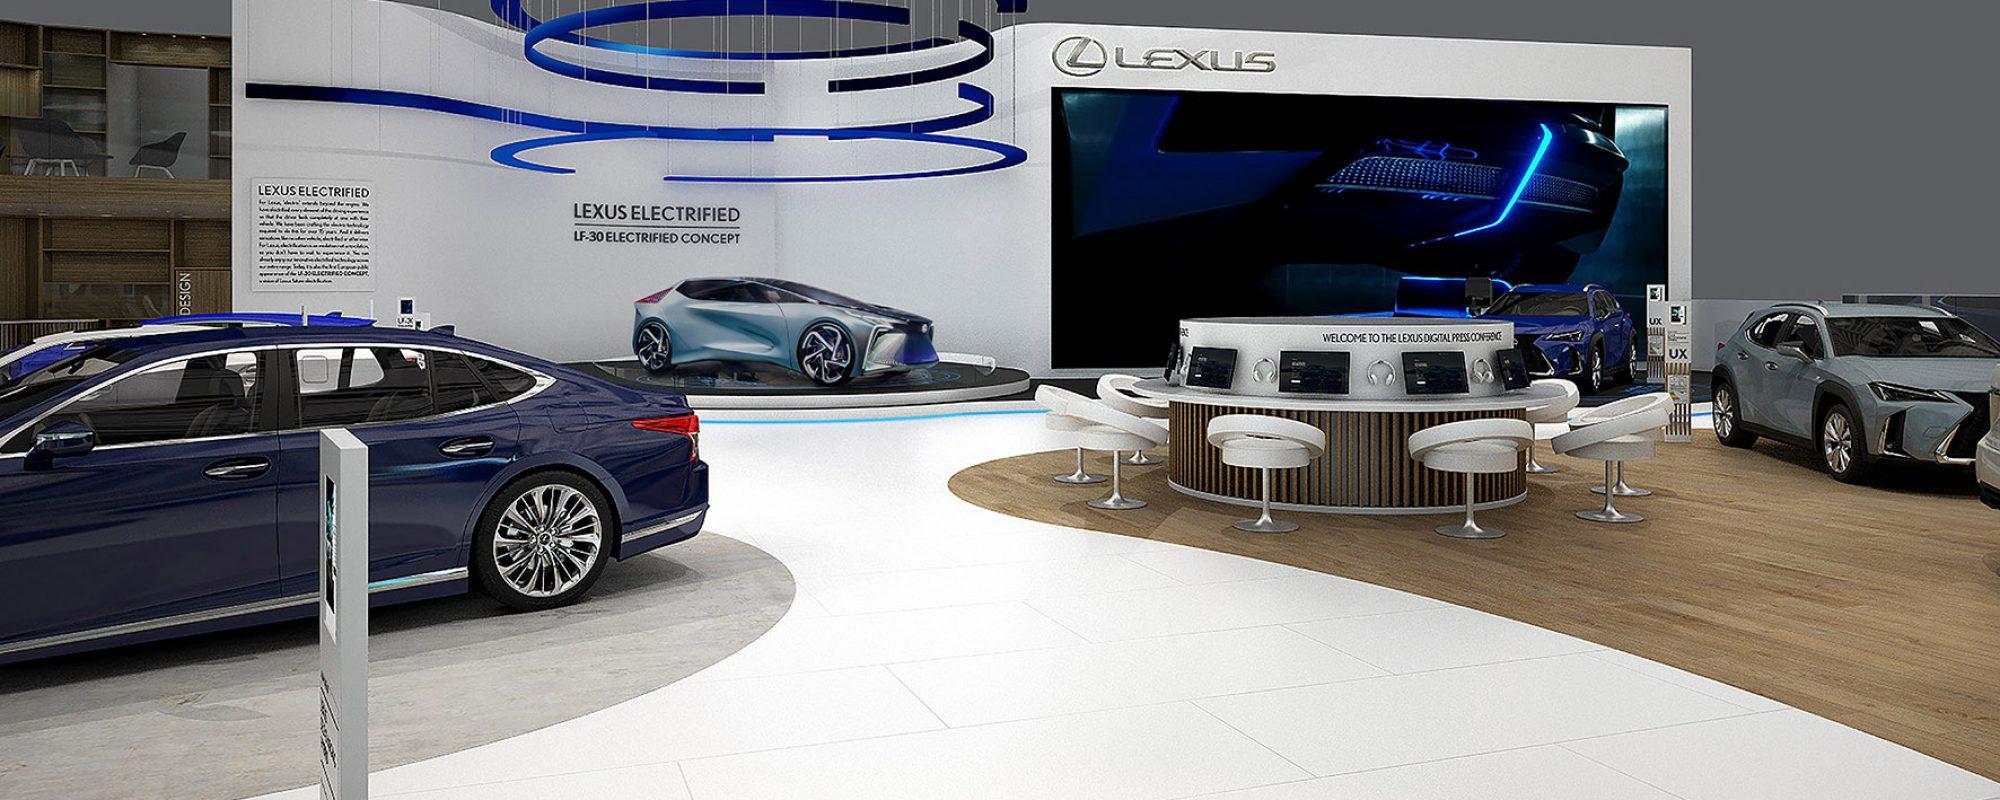 Lexus op de Geneva Motor Show 2020: persinfo